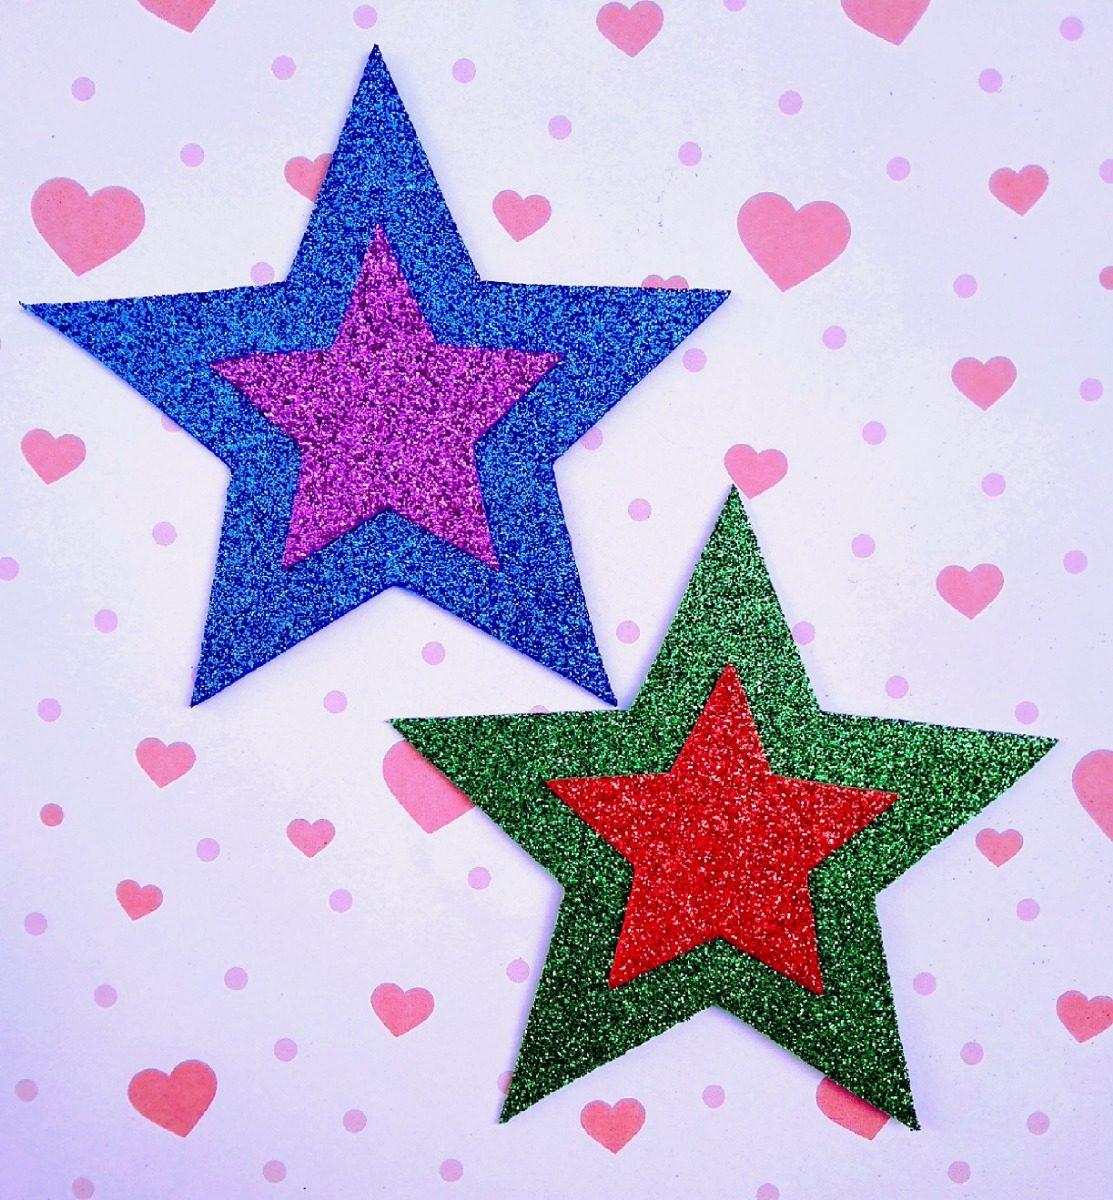 Apliques Para Decoración Navidad Goma Eva Glitter 24cm